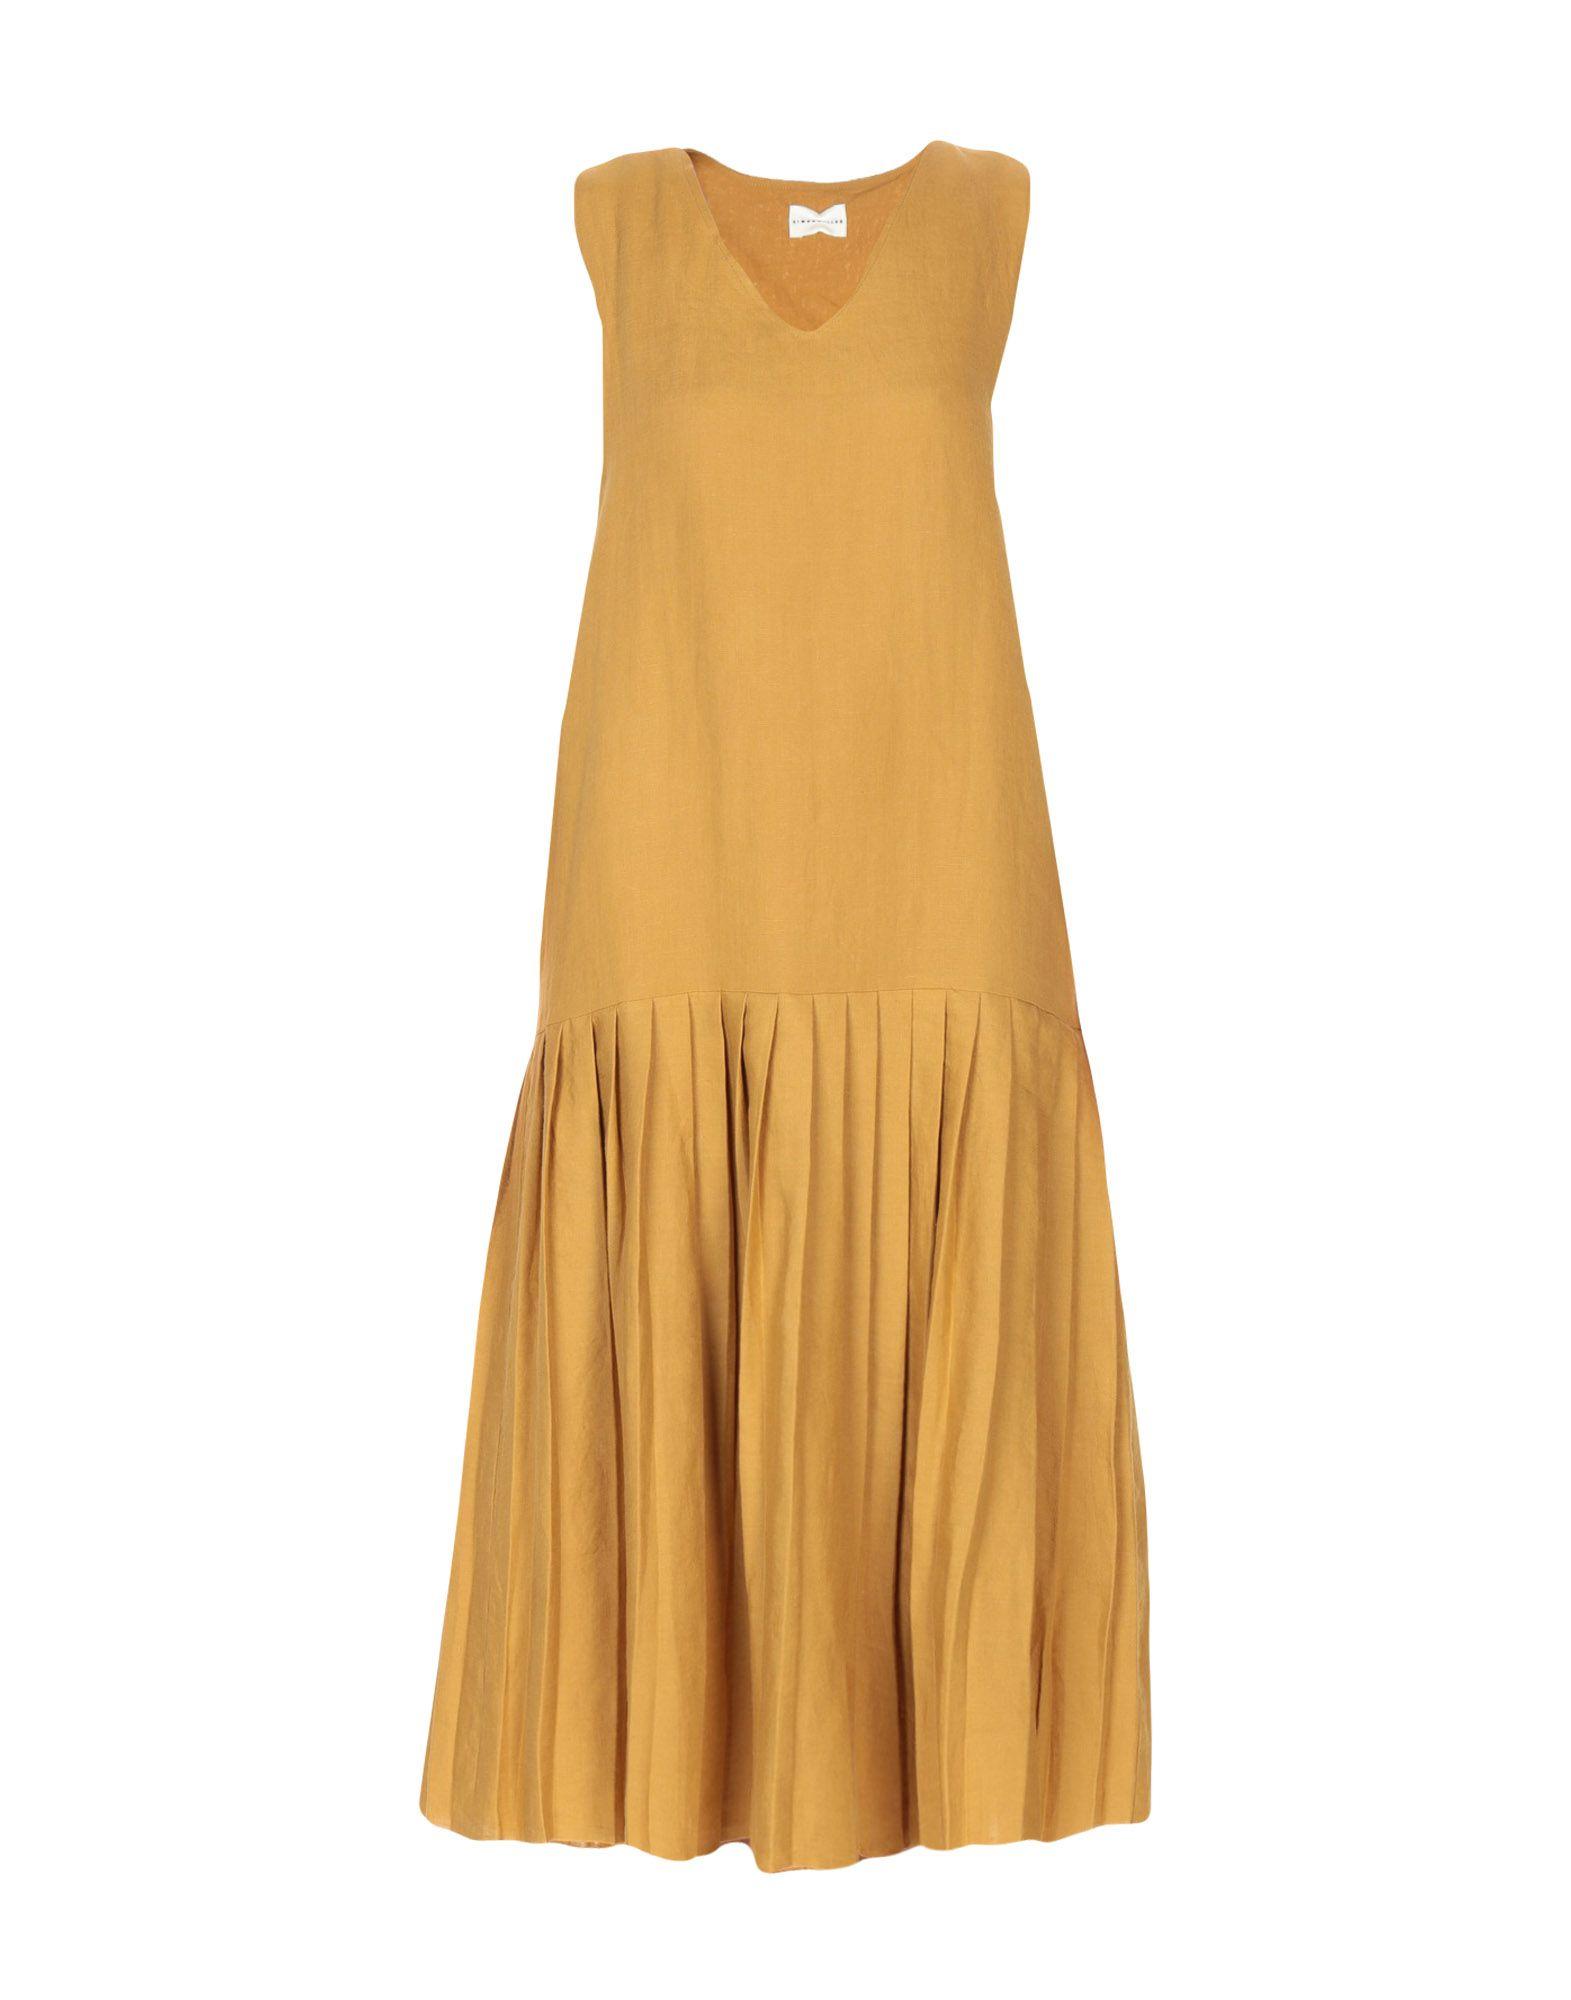 SIMON MILLER Платье длиной 3/4 nicole miller artelier платье длиной 3 4